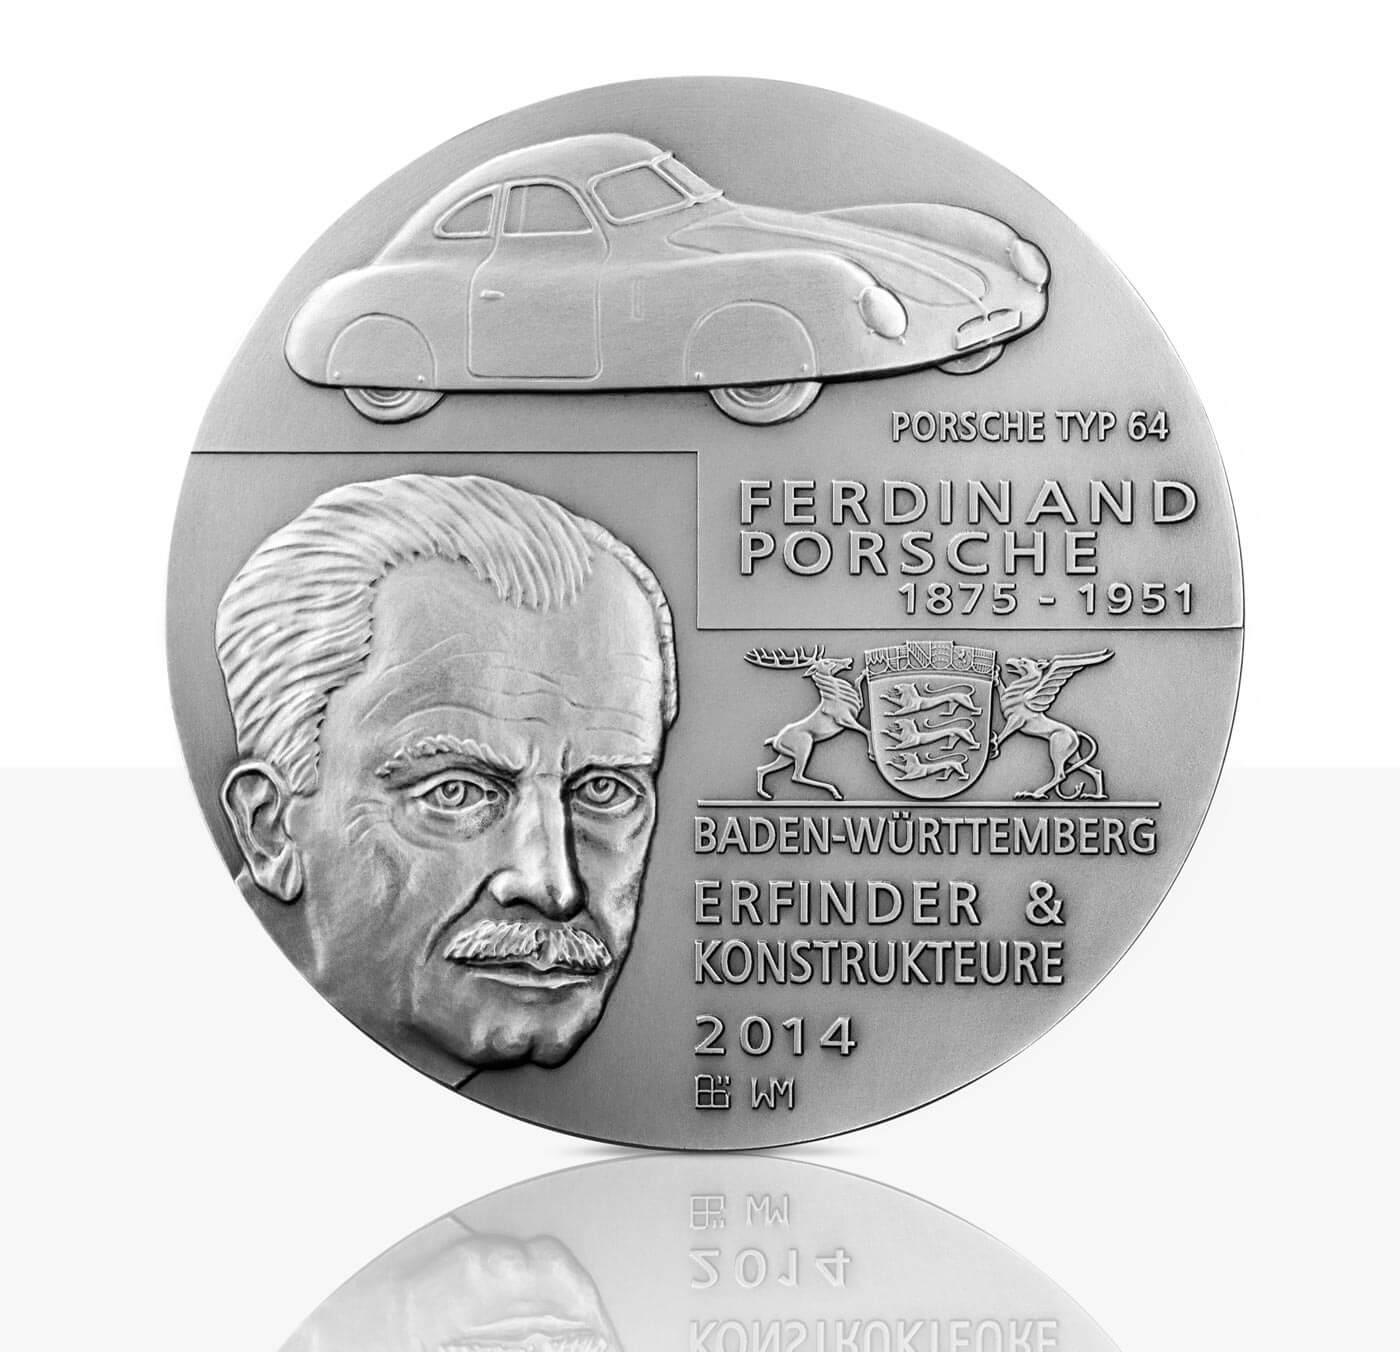 Ferdinand Und Ferry Porsche Hochrelief Medaille Feinsilber